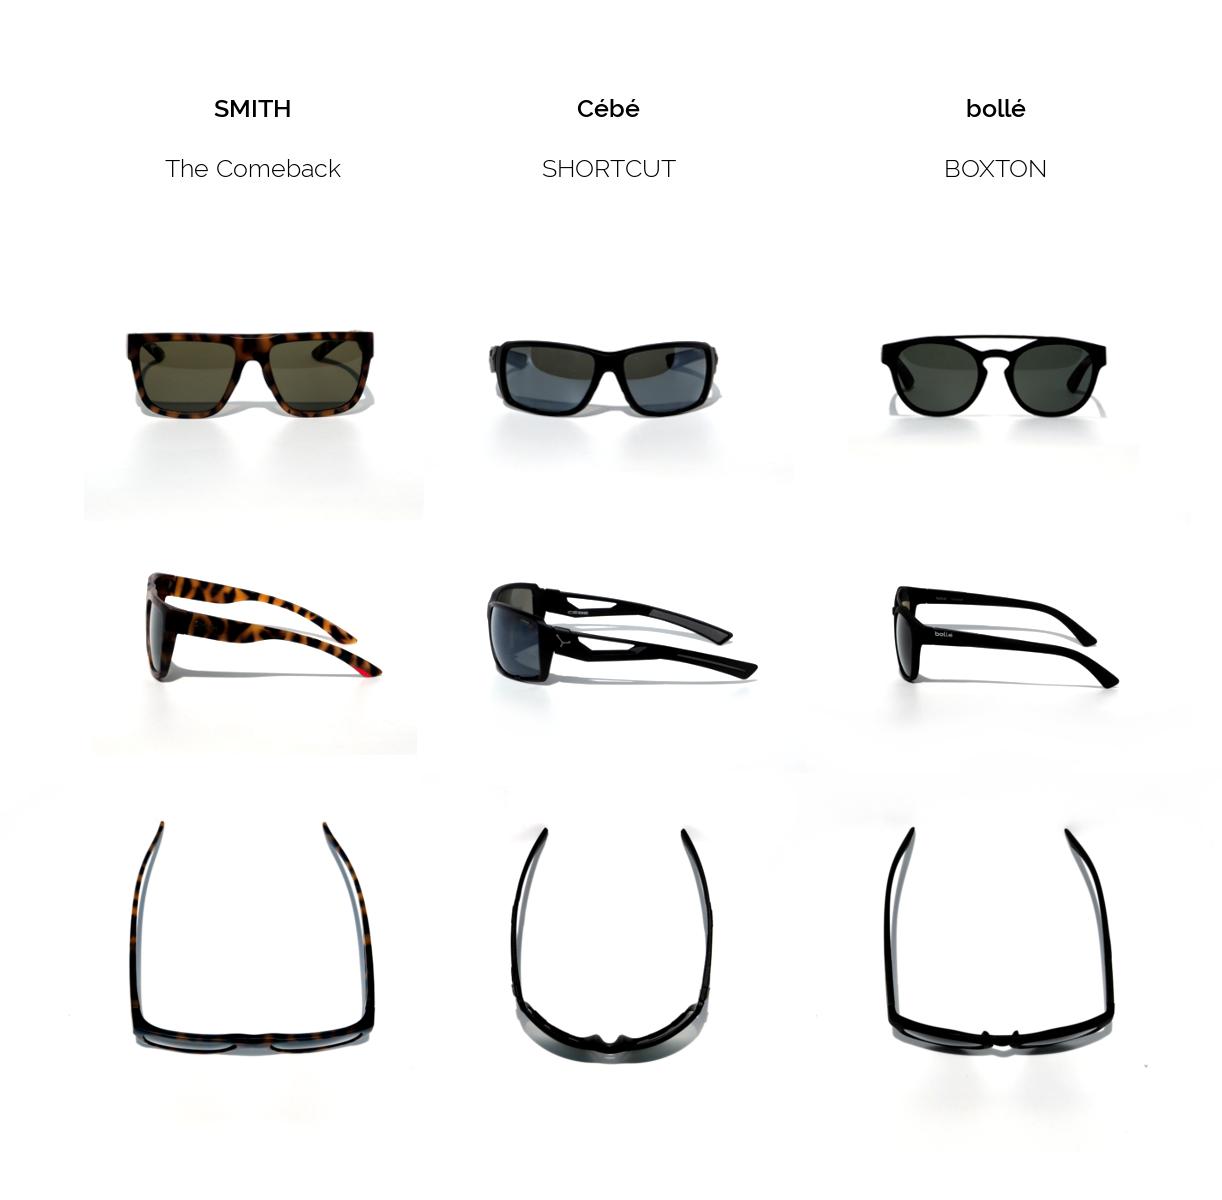 Sonnenbrillen zum Laufen im Vergleich_ Test bolle cebe smith